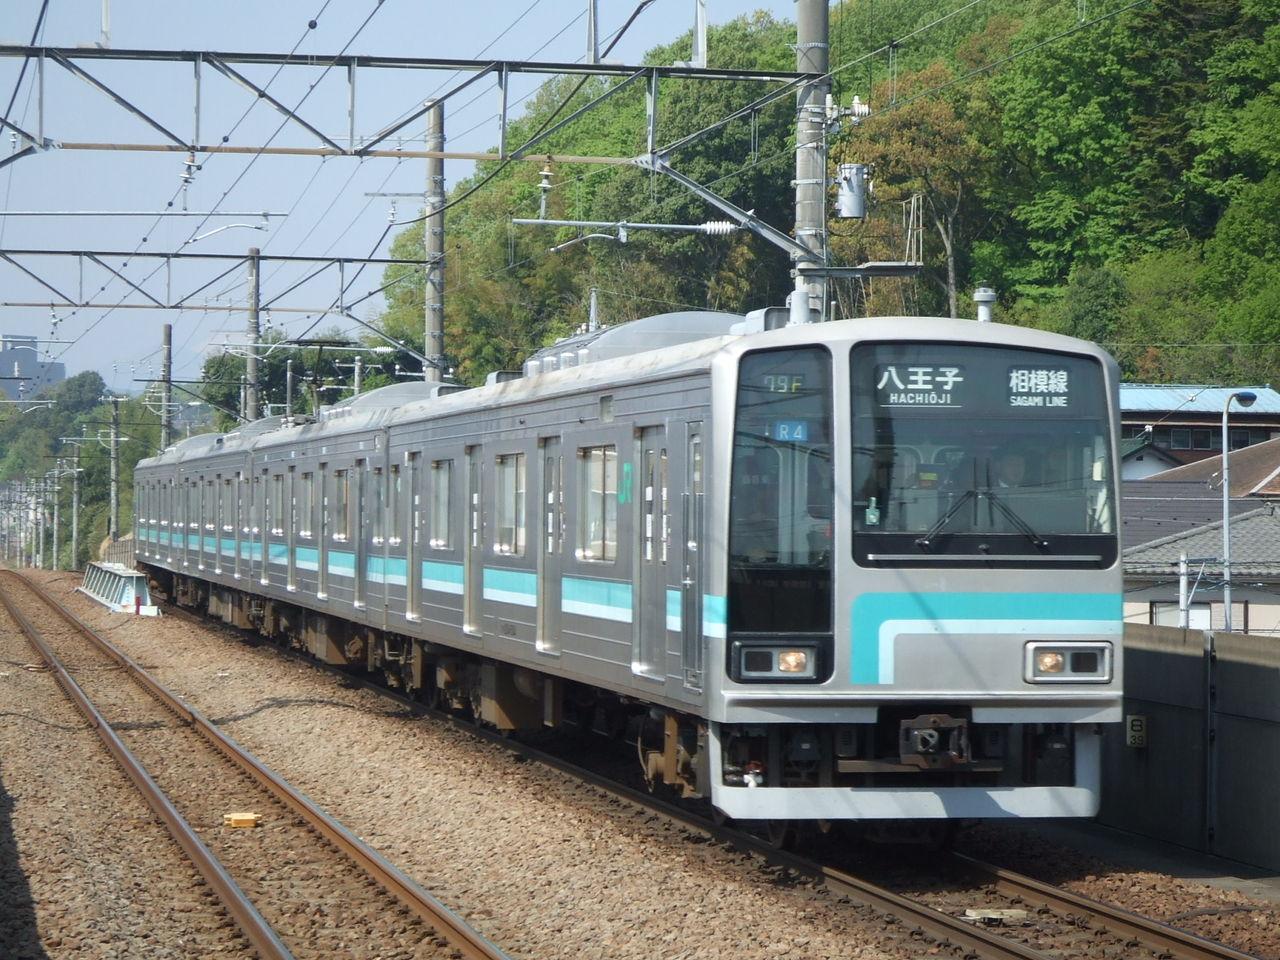 http://livedoor.blogimg.jp/sknyut_15/imgs/2/a/2aba7fe7.jpg